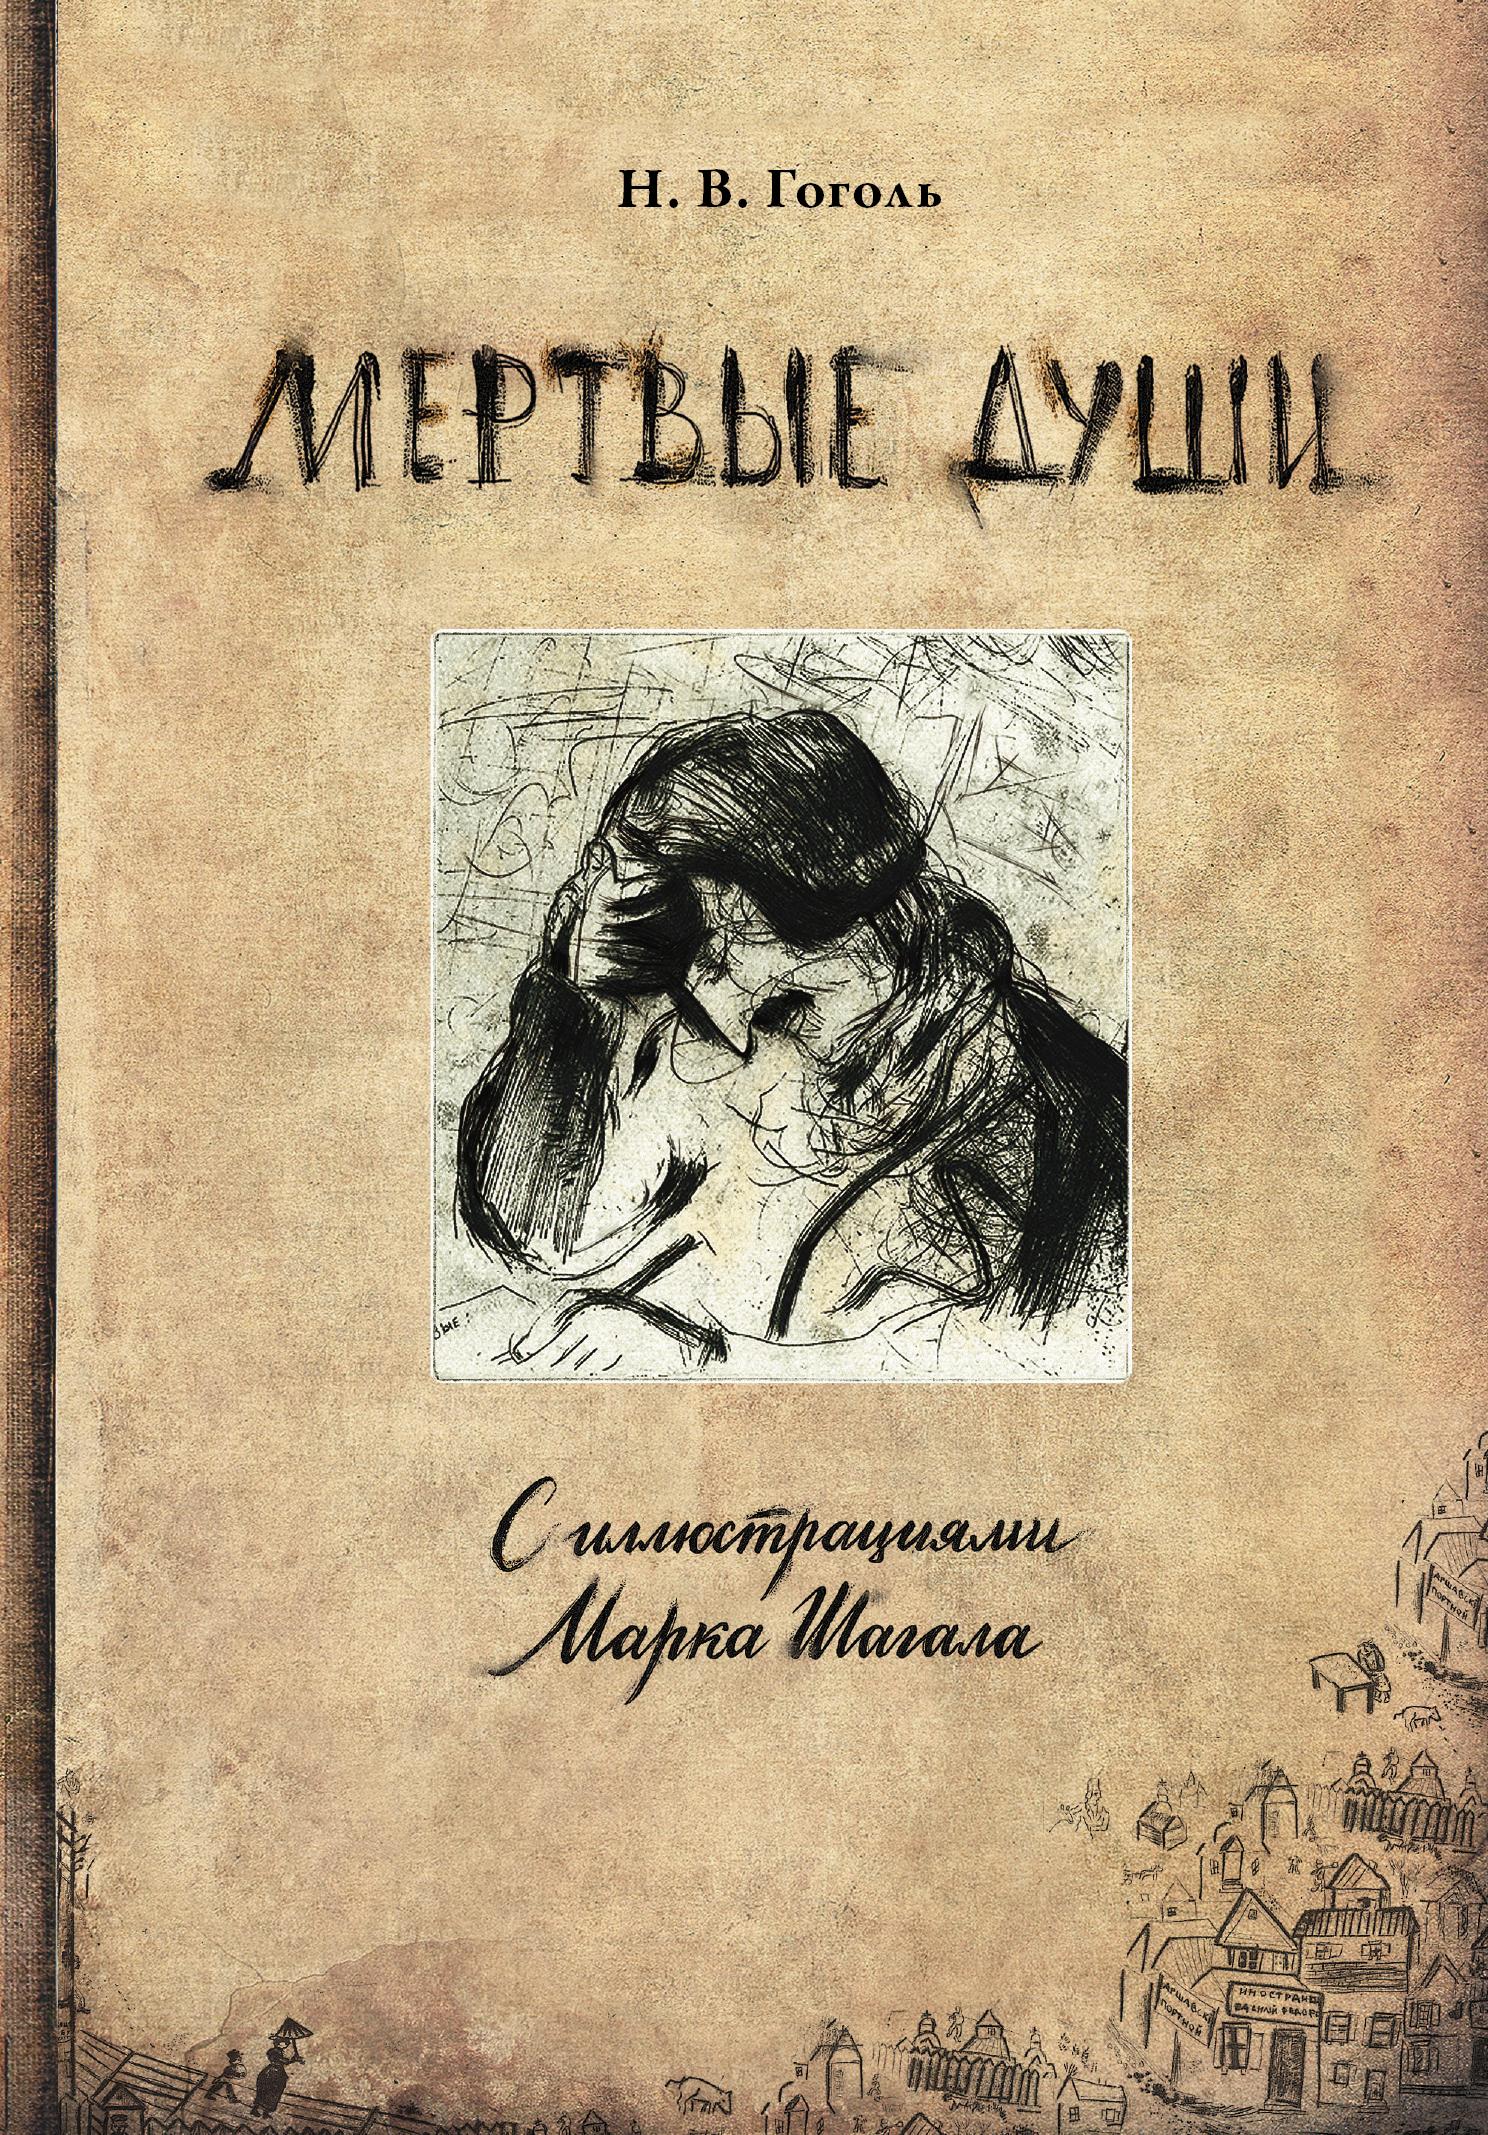 Гоголь Н.В. Мертвые души с иллюстрациями Марка Шагала